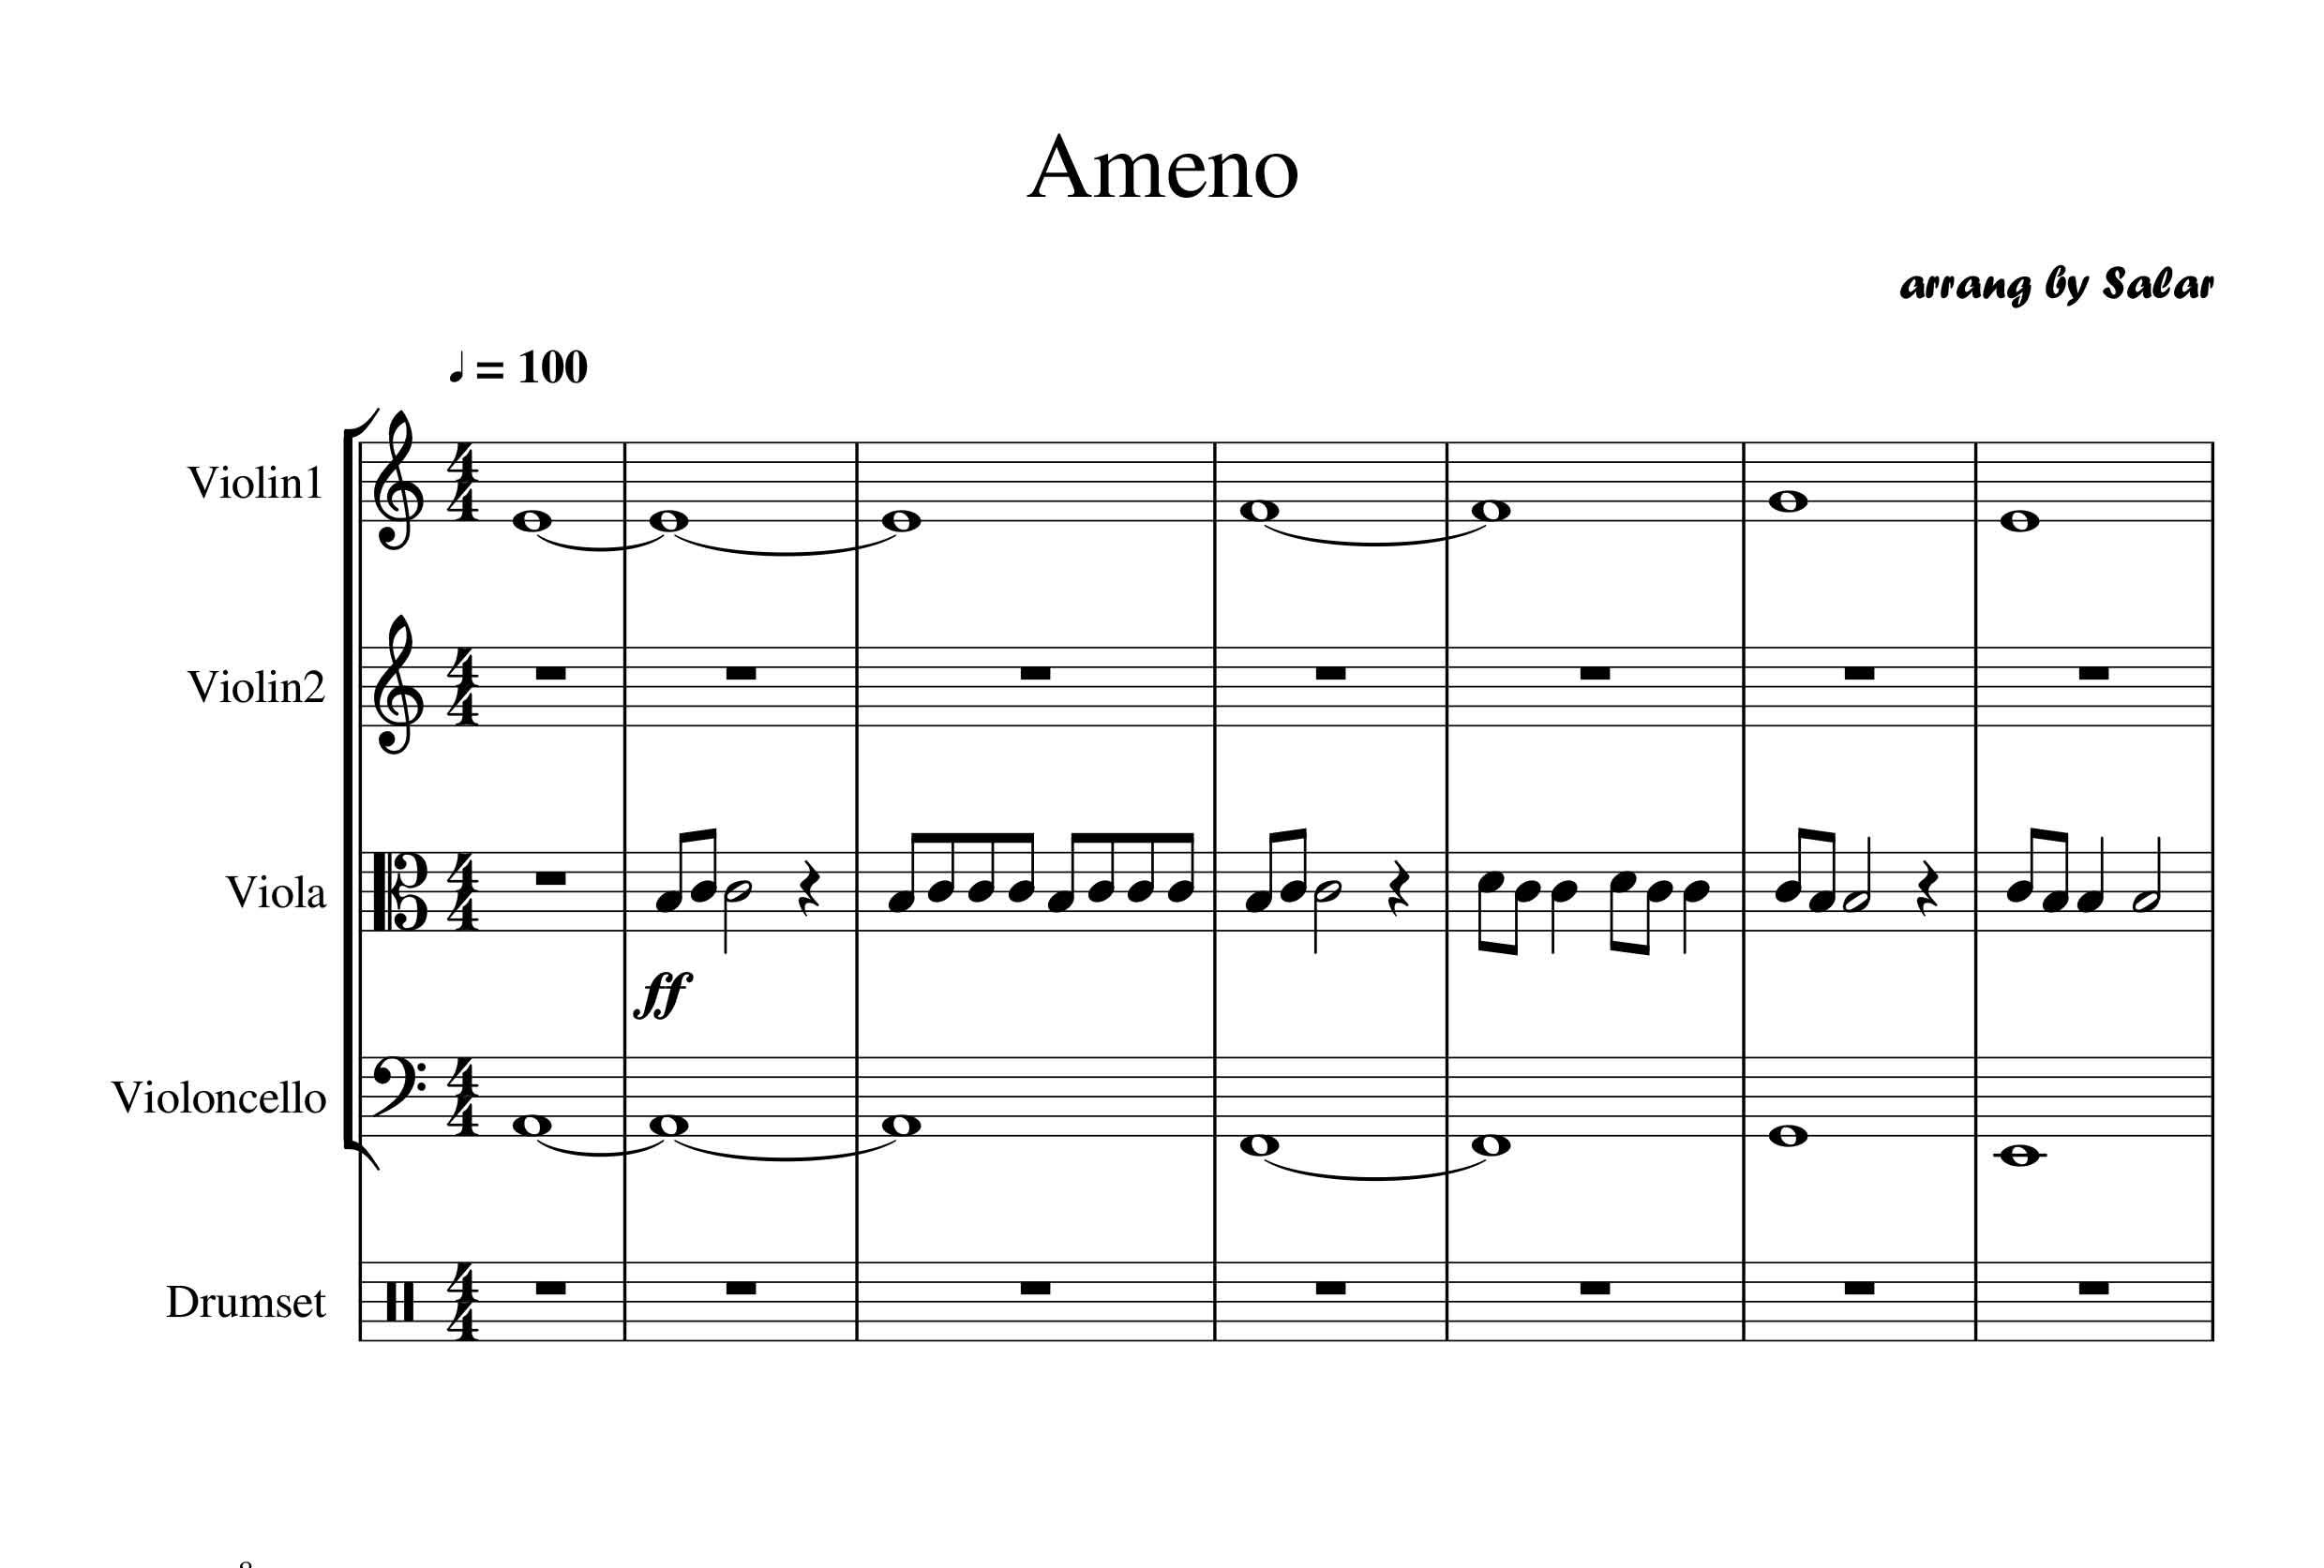 پارتیتور آهنگ (ameno) برای ارکستر کلاسیک